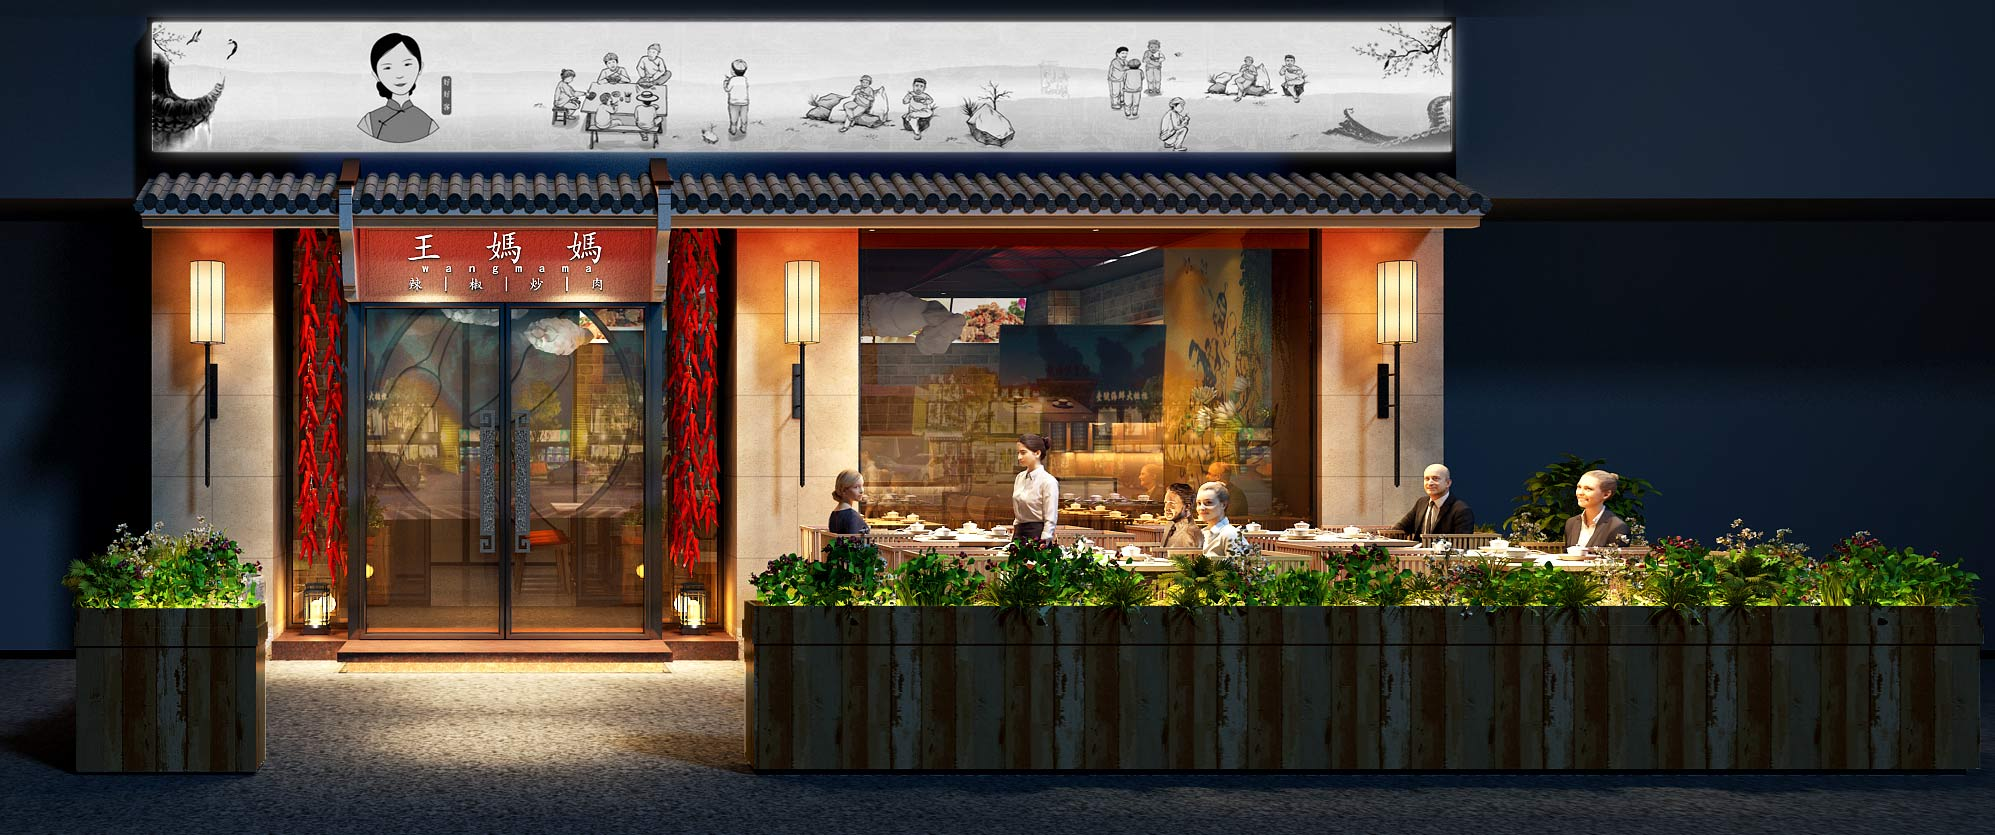 围绕着餐厅的名字,营造出回到院子吃饭的气氛。整个空间都有温馨的感觉。